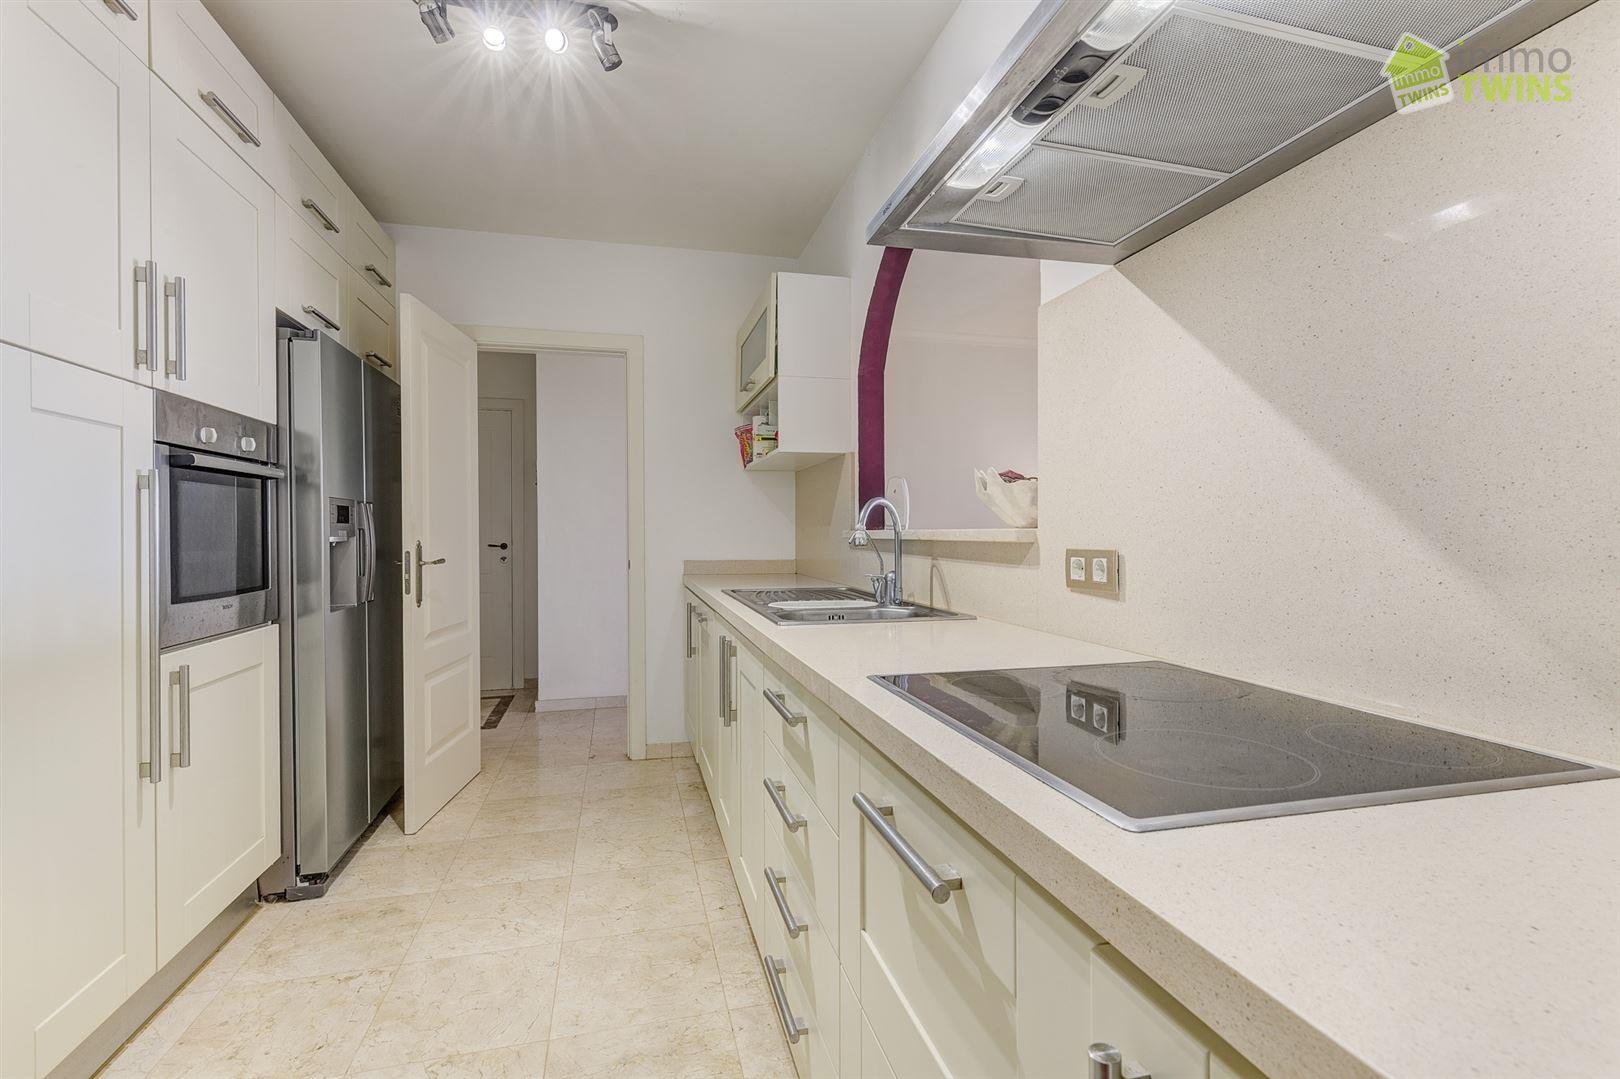 Foto 4 : Appartement te 38632 PALM MAR (Spanje) - Prijs € 440.000